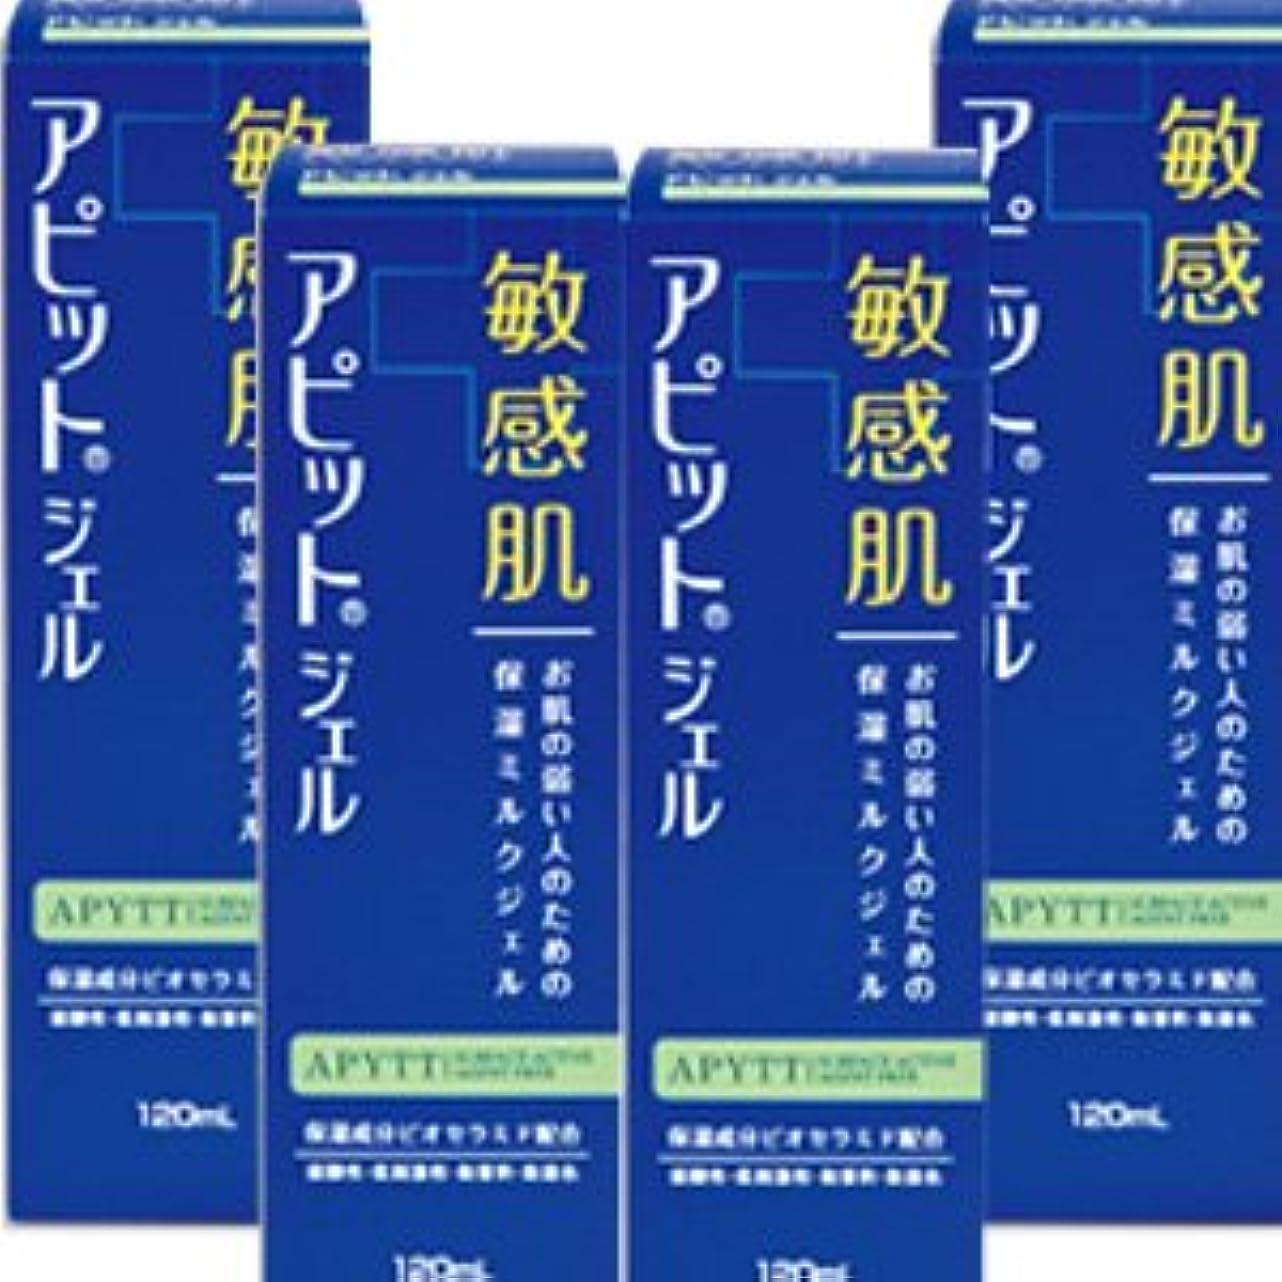 報酬のまでファンブル【4個】全薬工業 アピットジェルS 120mlx4個セット (4987305034625)